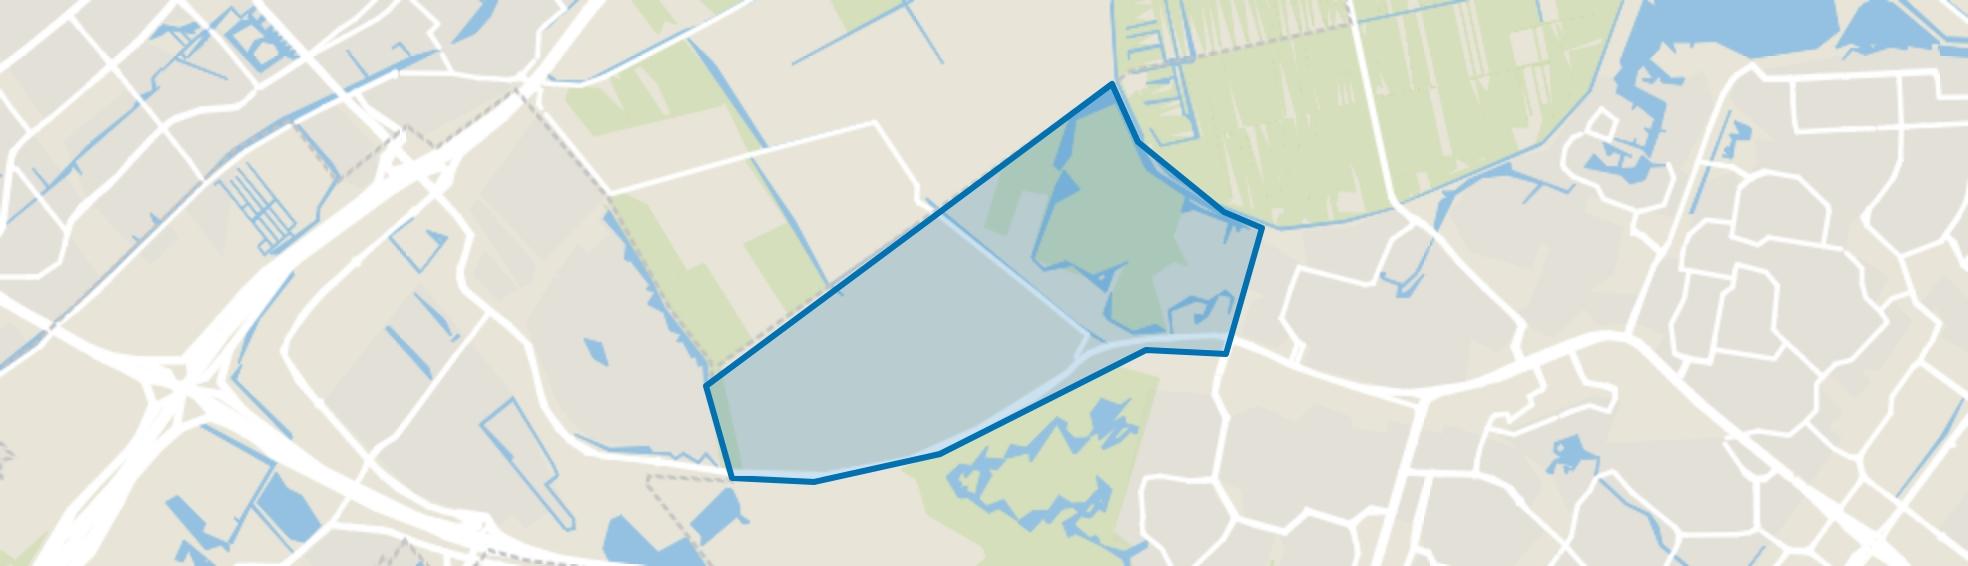 Buitengebied-West, Zoetermeer map